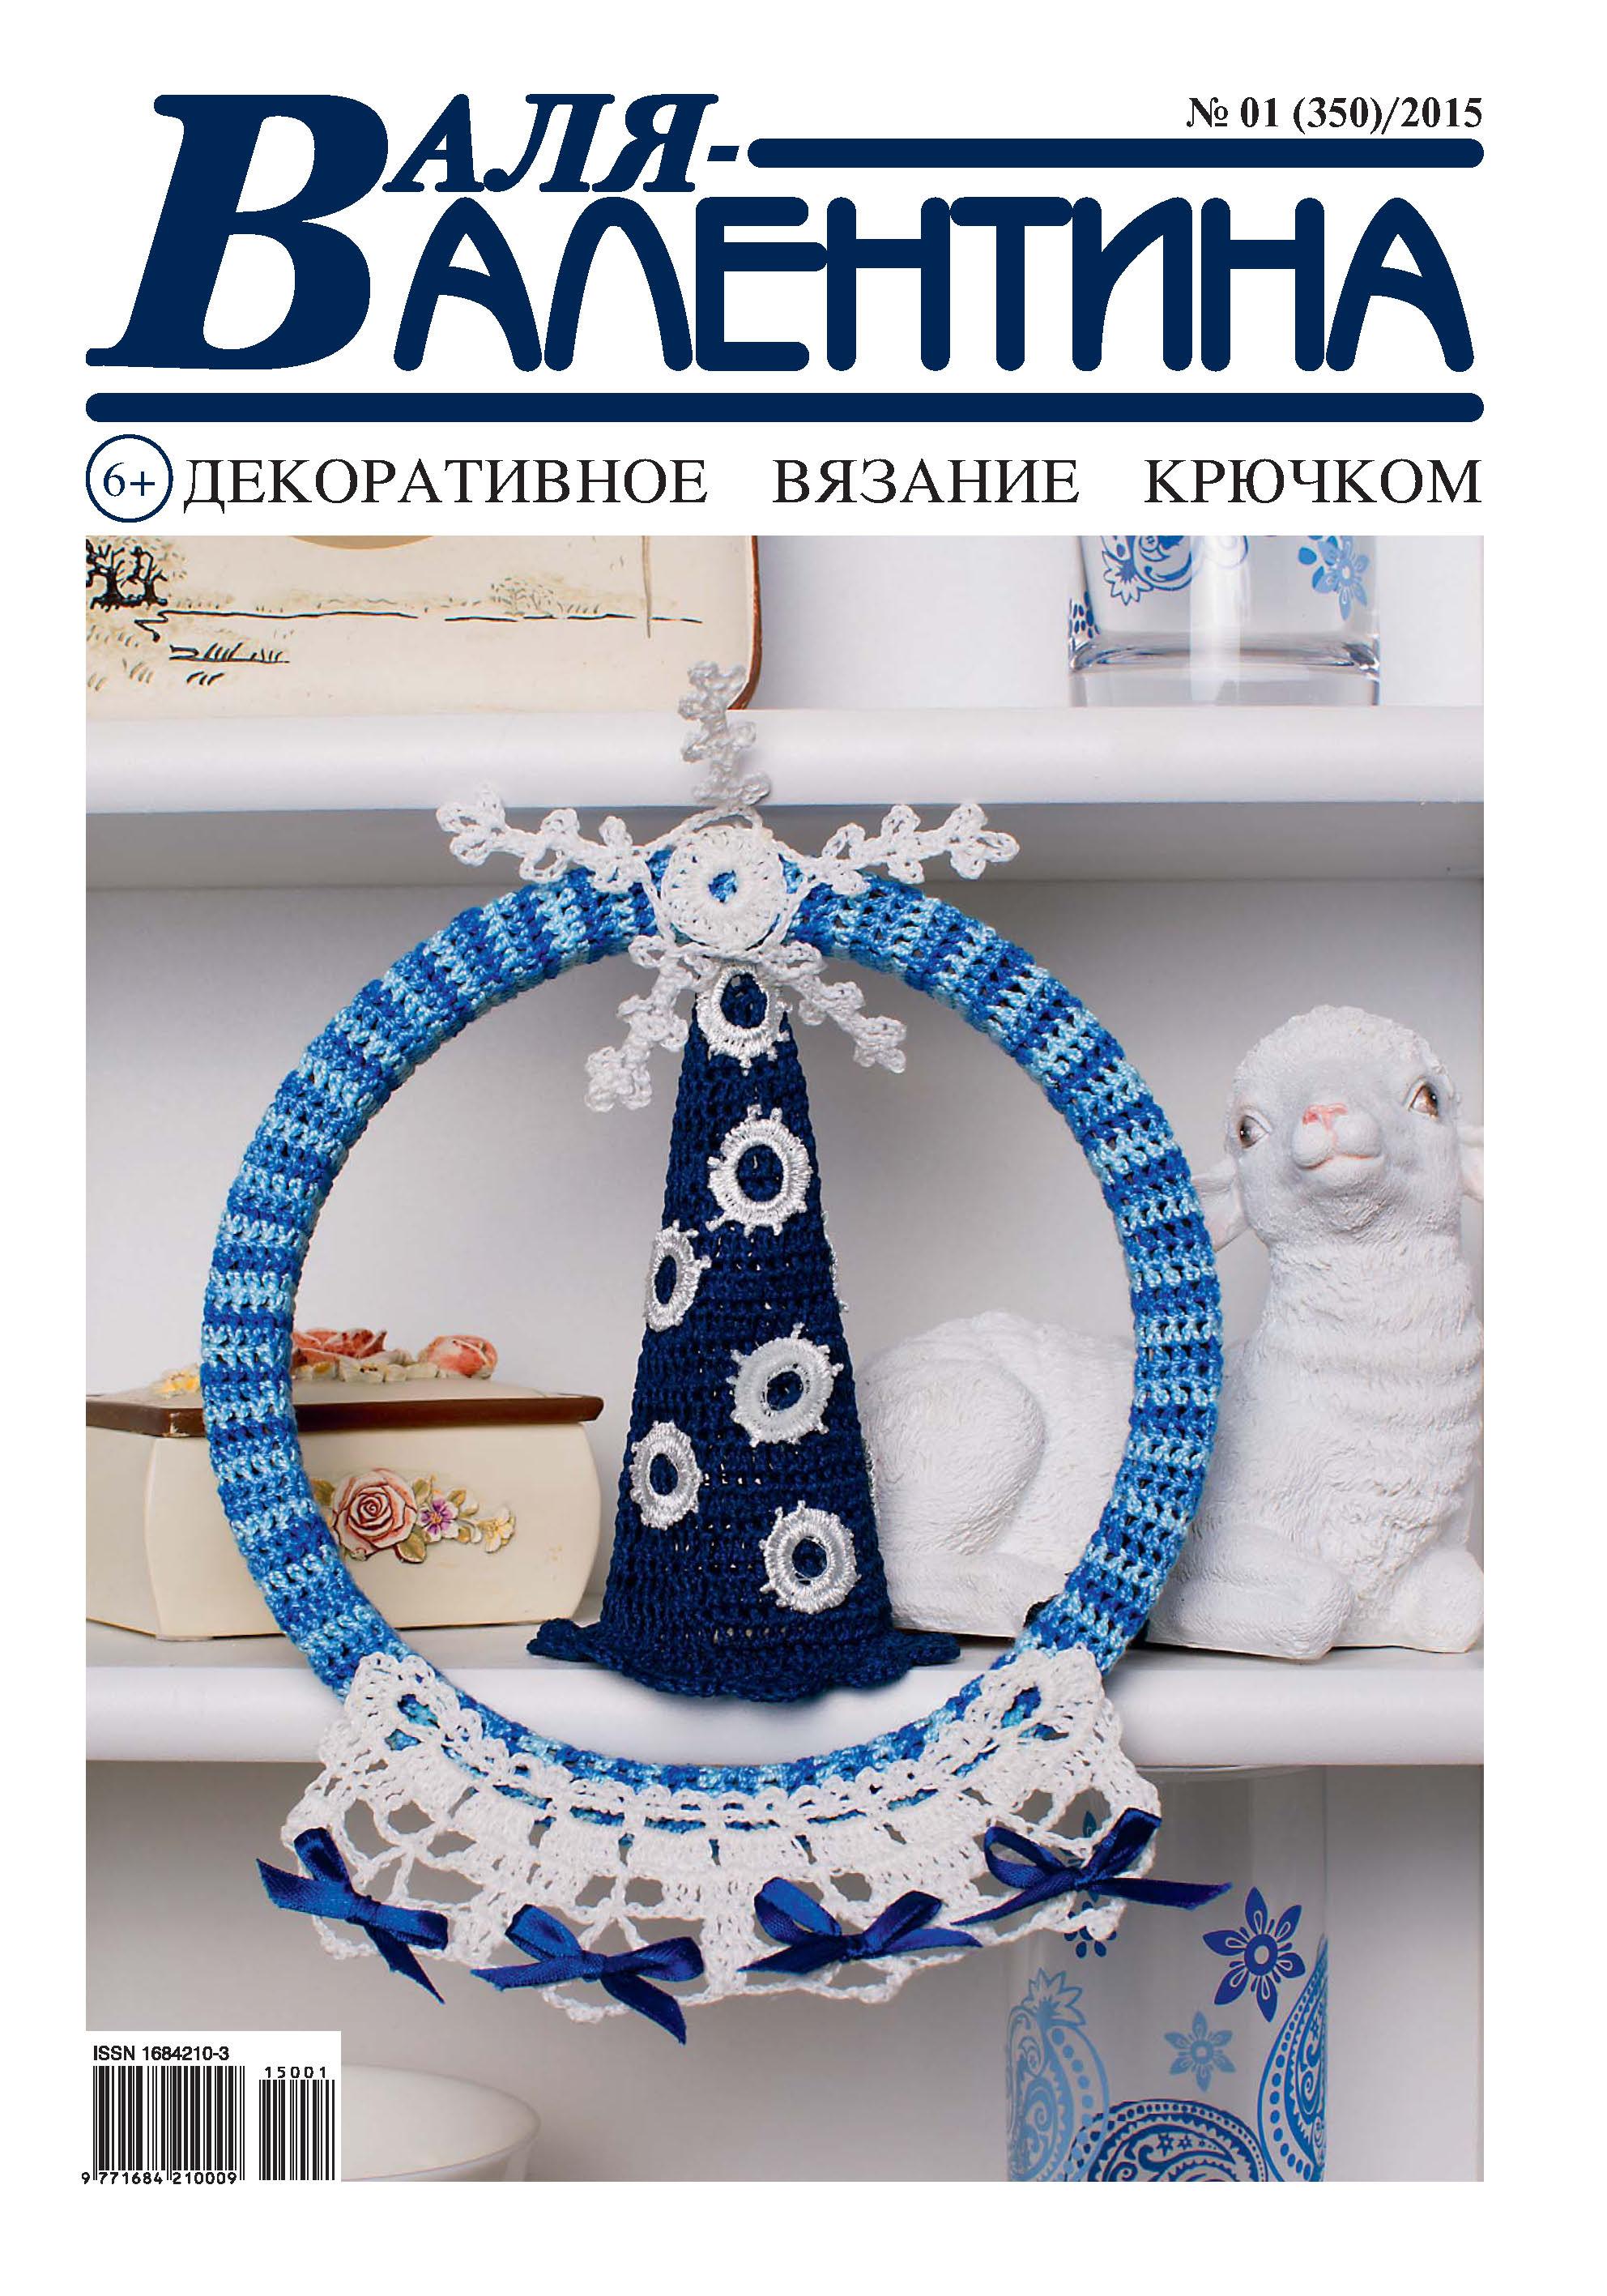 Валя-Валентина. Декоративное вязание крючком. №01/2015